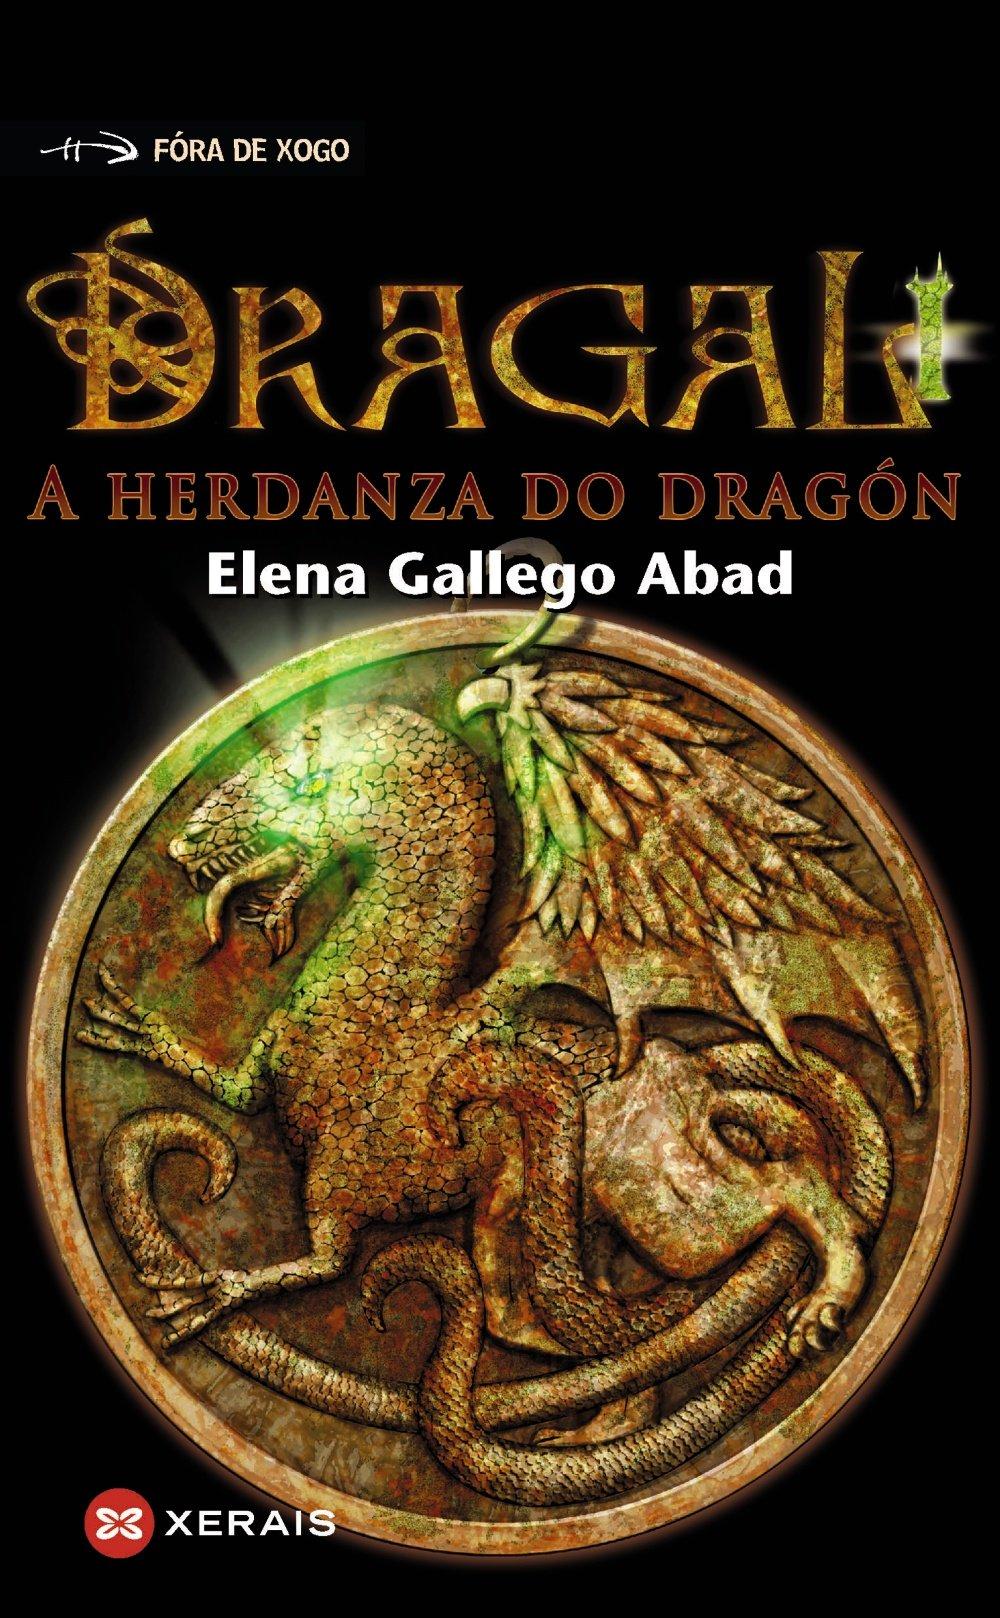 Dragal I: A herdanza do dragón (Infantil E Xuvenil - Fóra De Xogo) (Gallego) Tapa blanda – 11 feb 2016 Elena Gallego Abad Xerais 849914134X 1699991